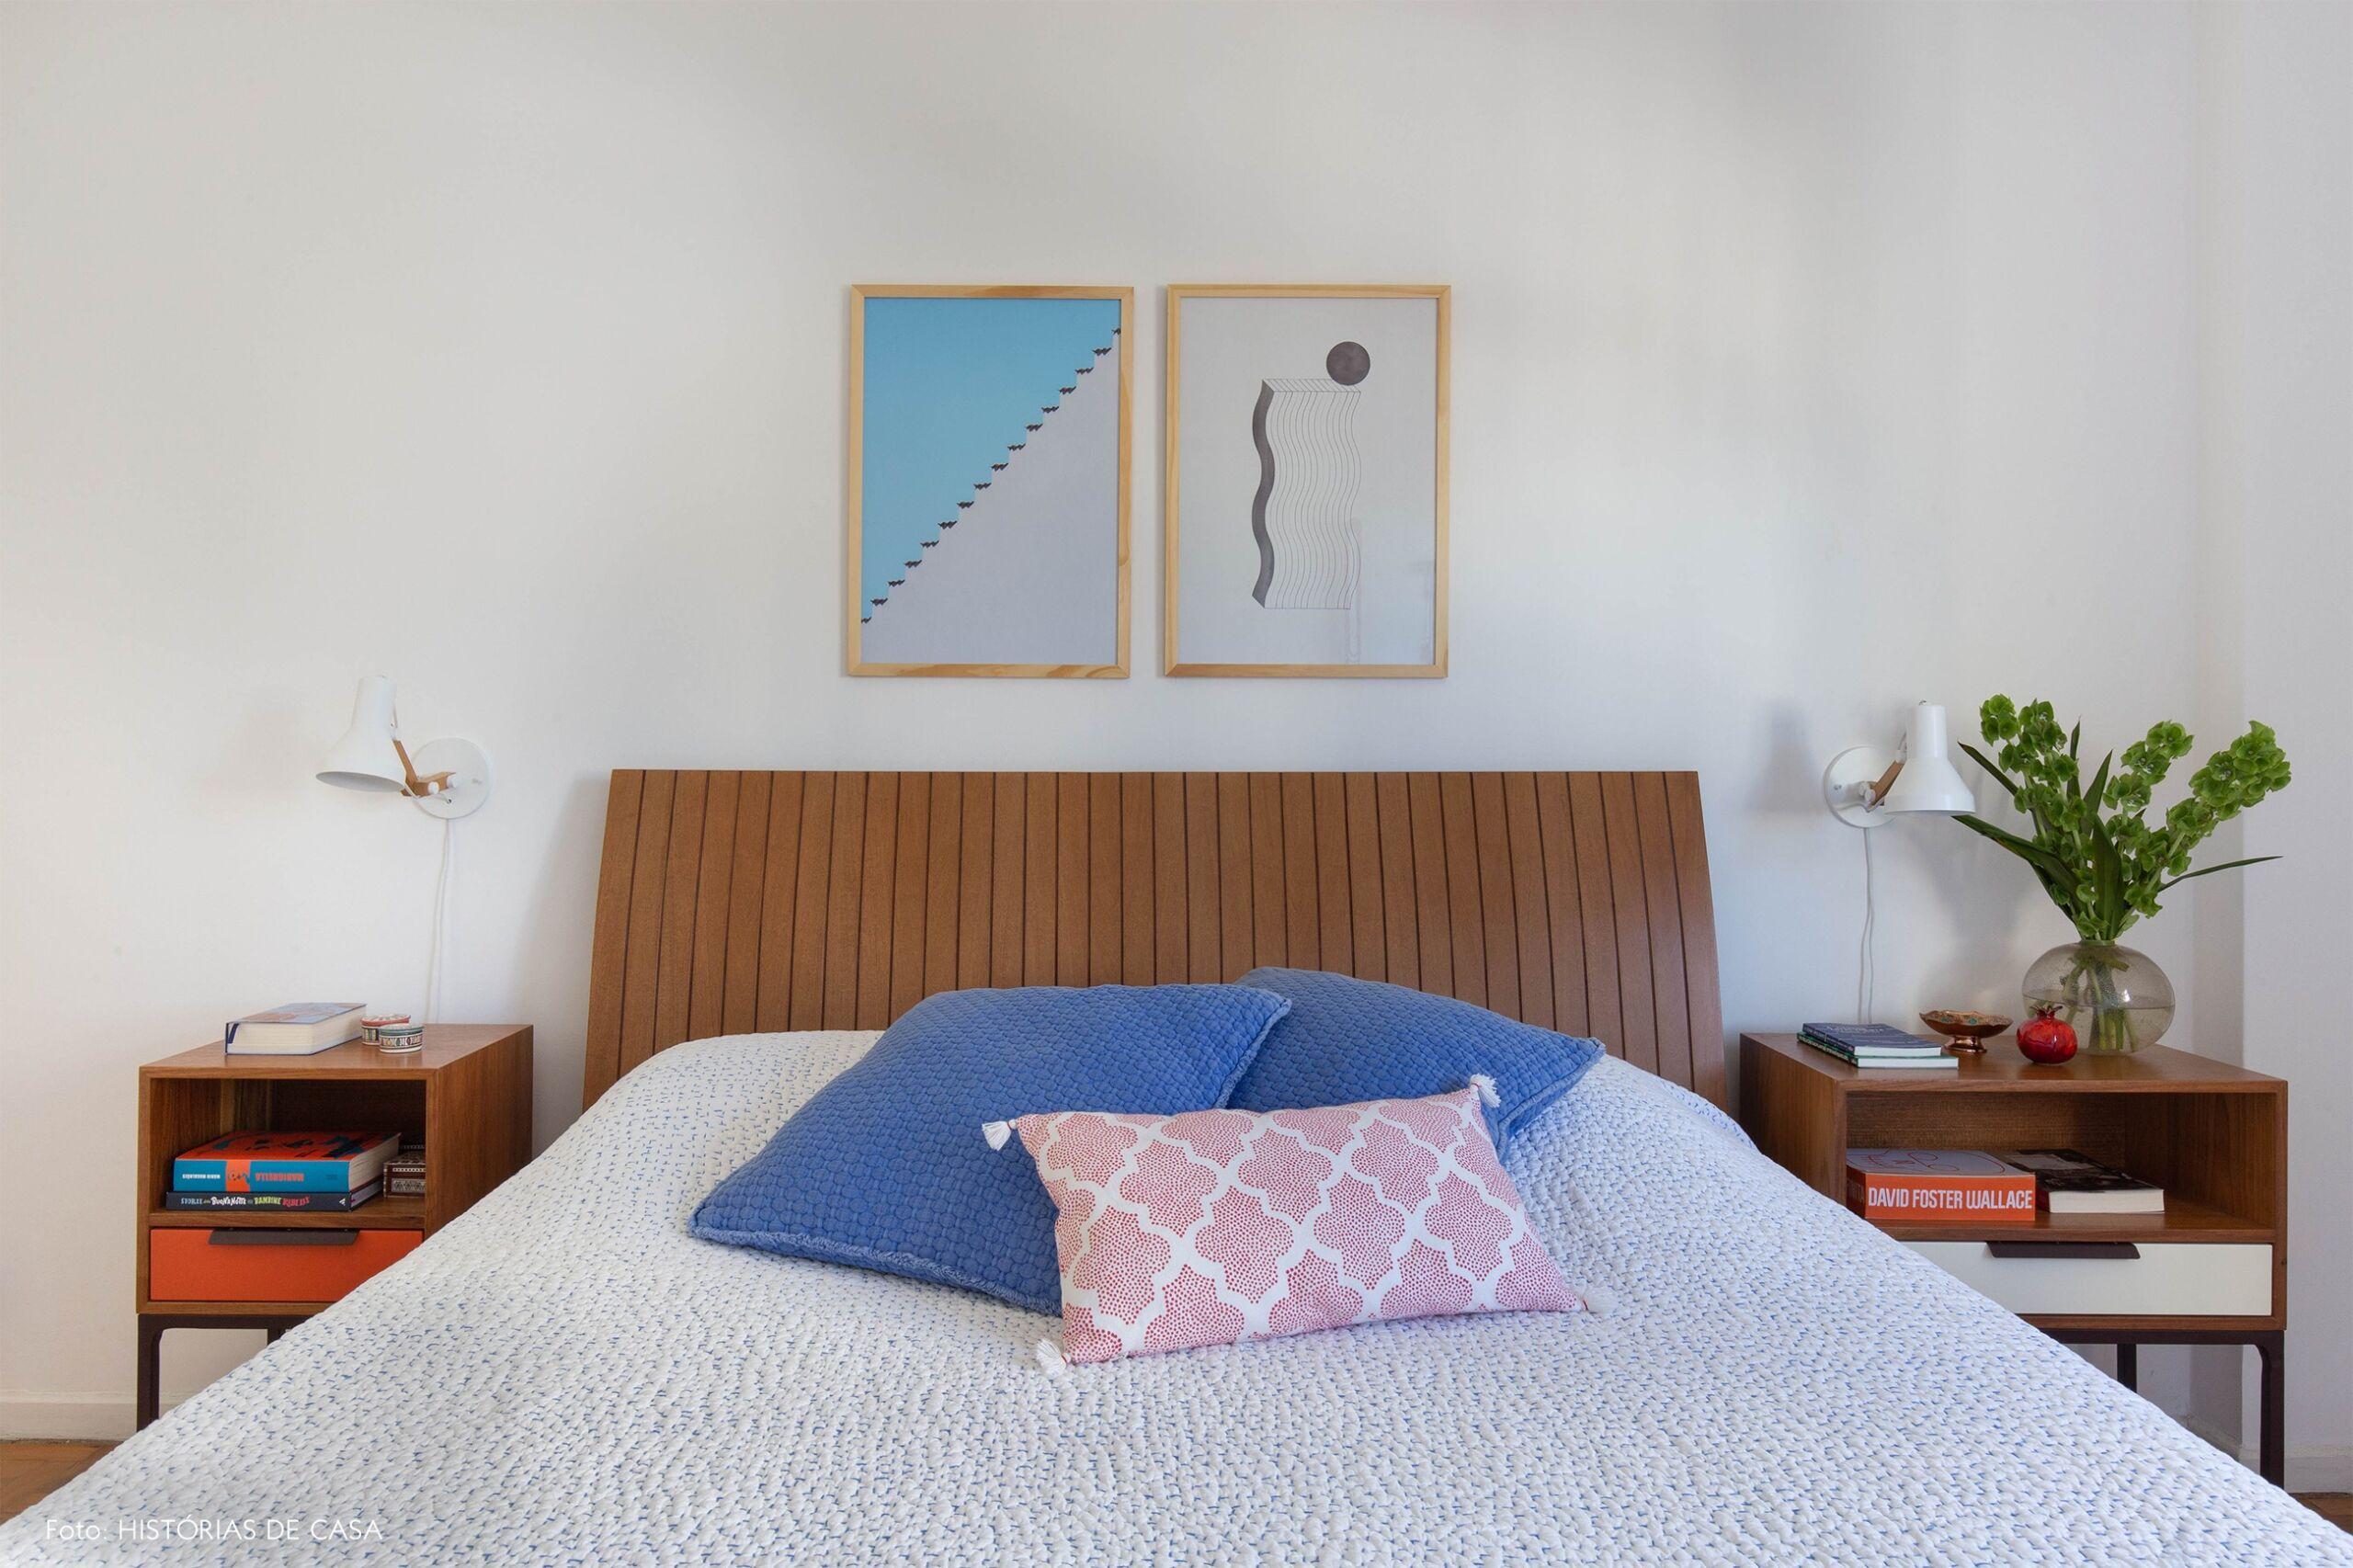 decoração obrah quadro abstratos em quarto com cabeceira madeira